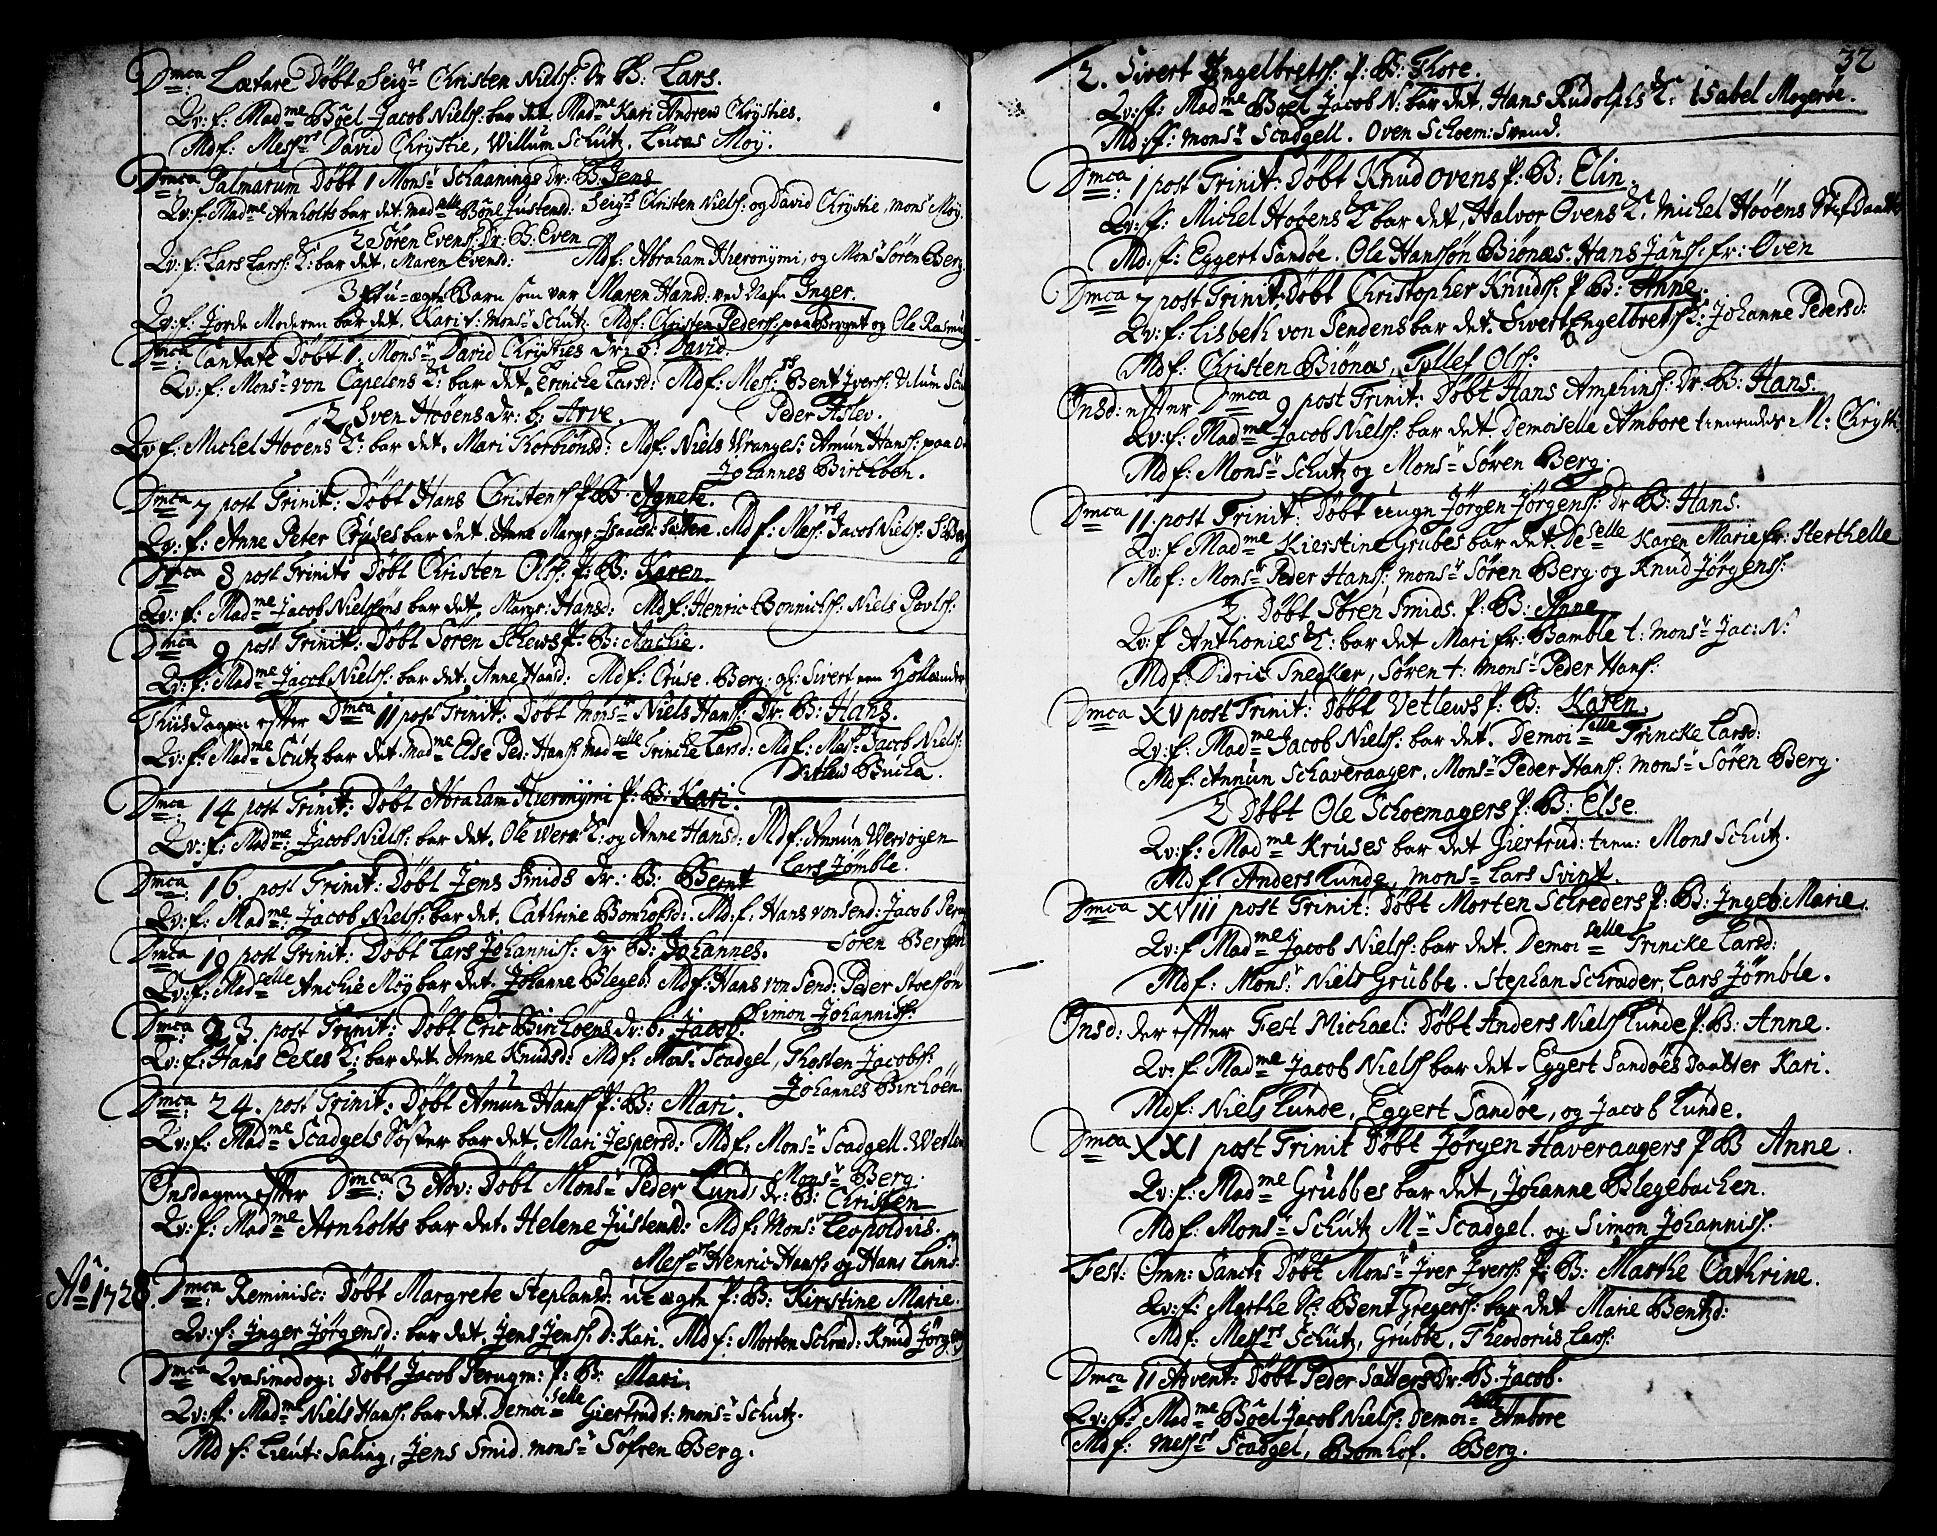 SAKO, Brevik kirkebøker, F/Fa/L0002: Ministerialbok nr. 2, 1720-1764, s. 32